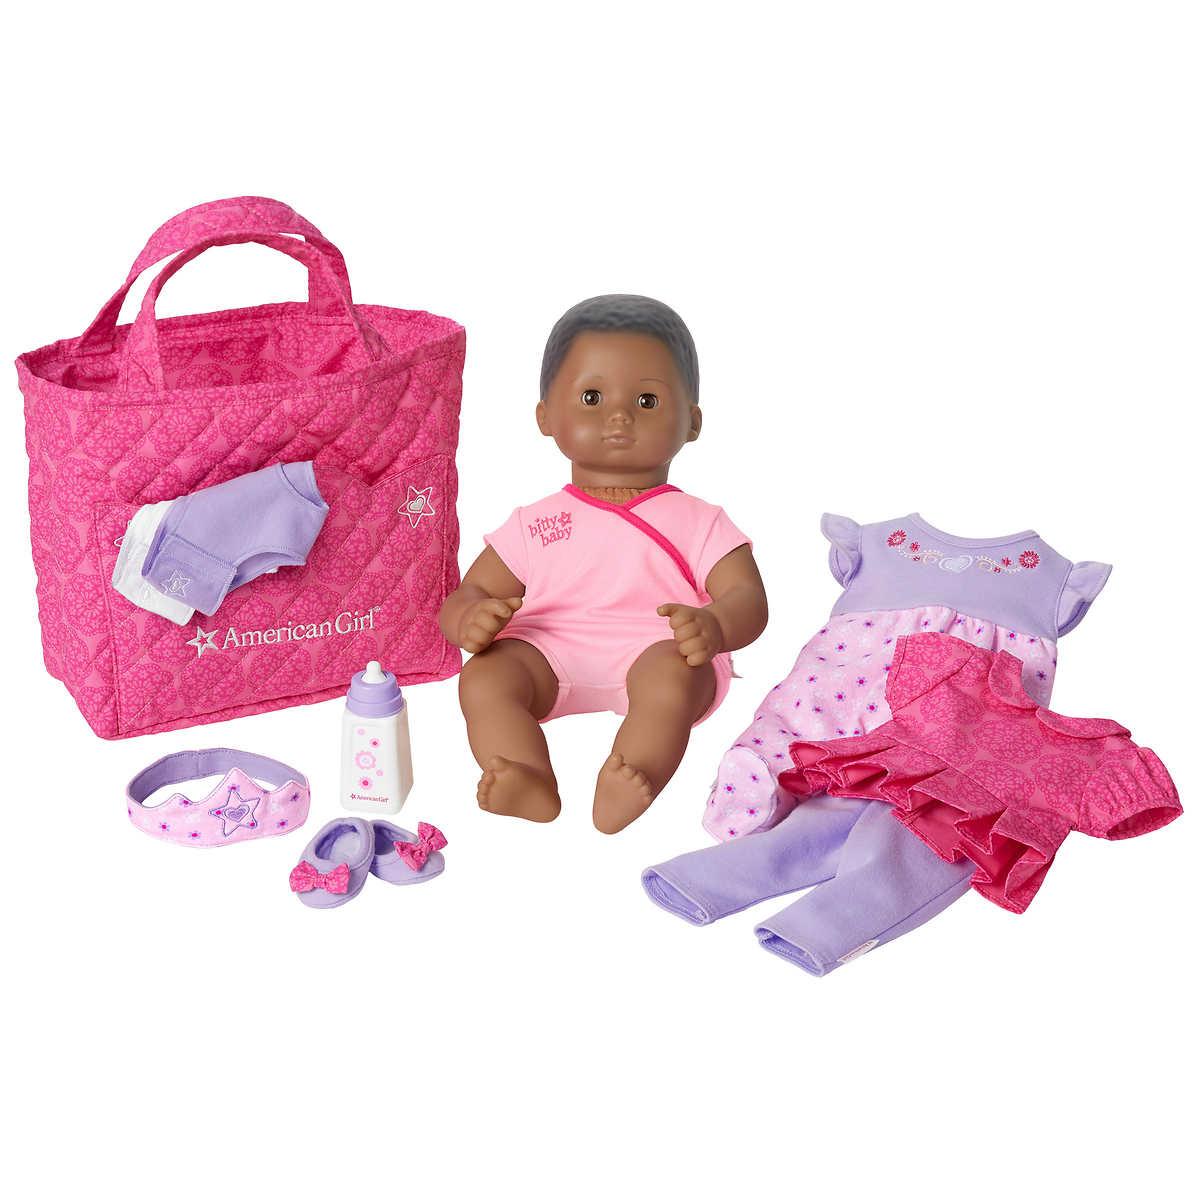 American Girl Doll Gift Card Holder for Girls   New